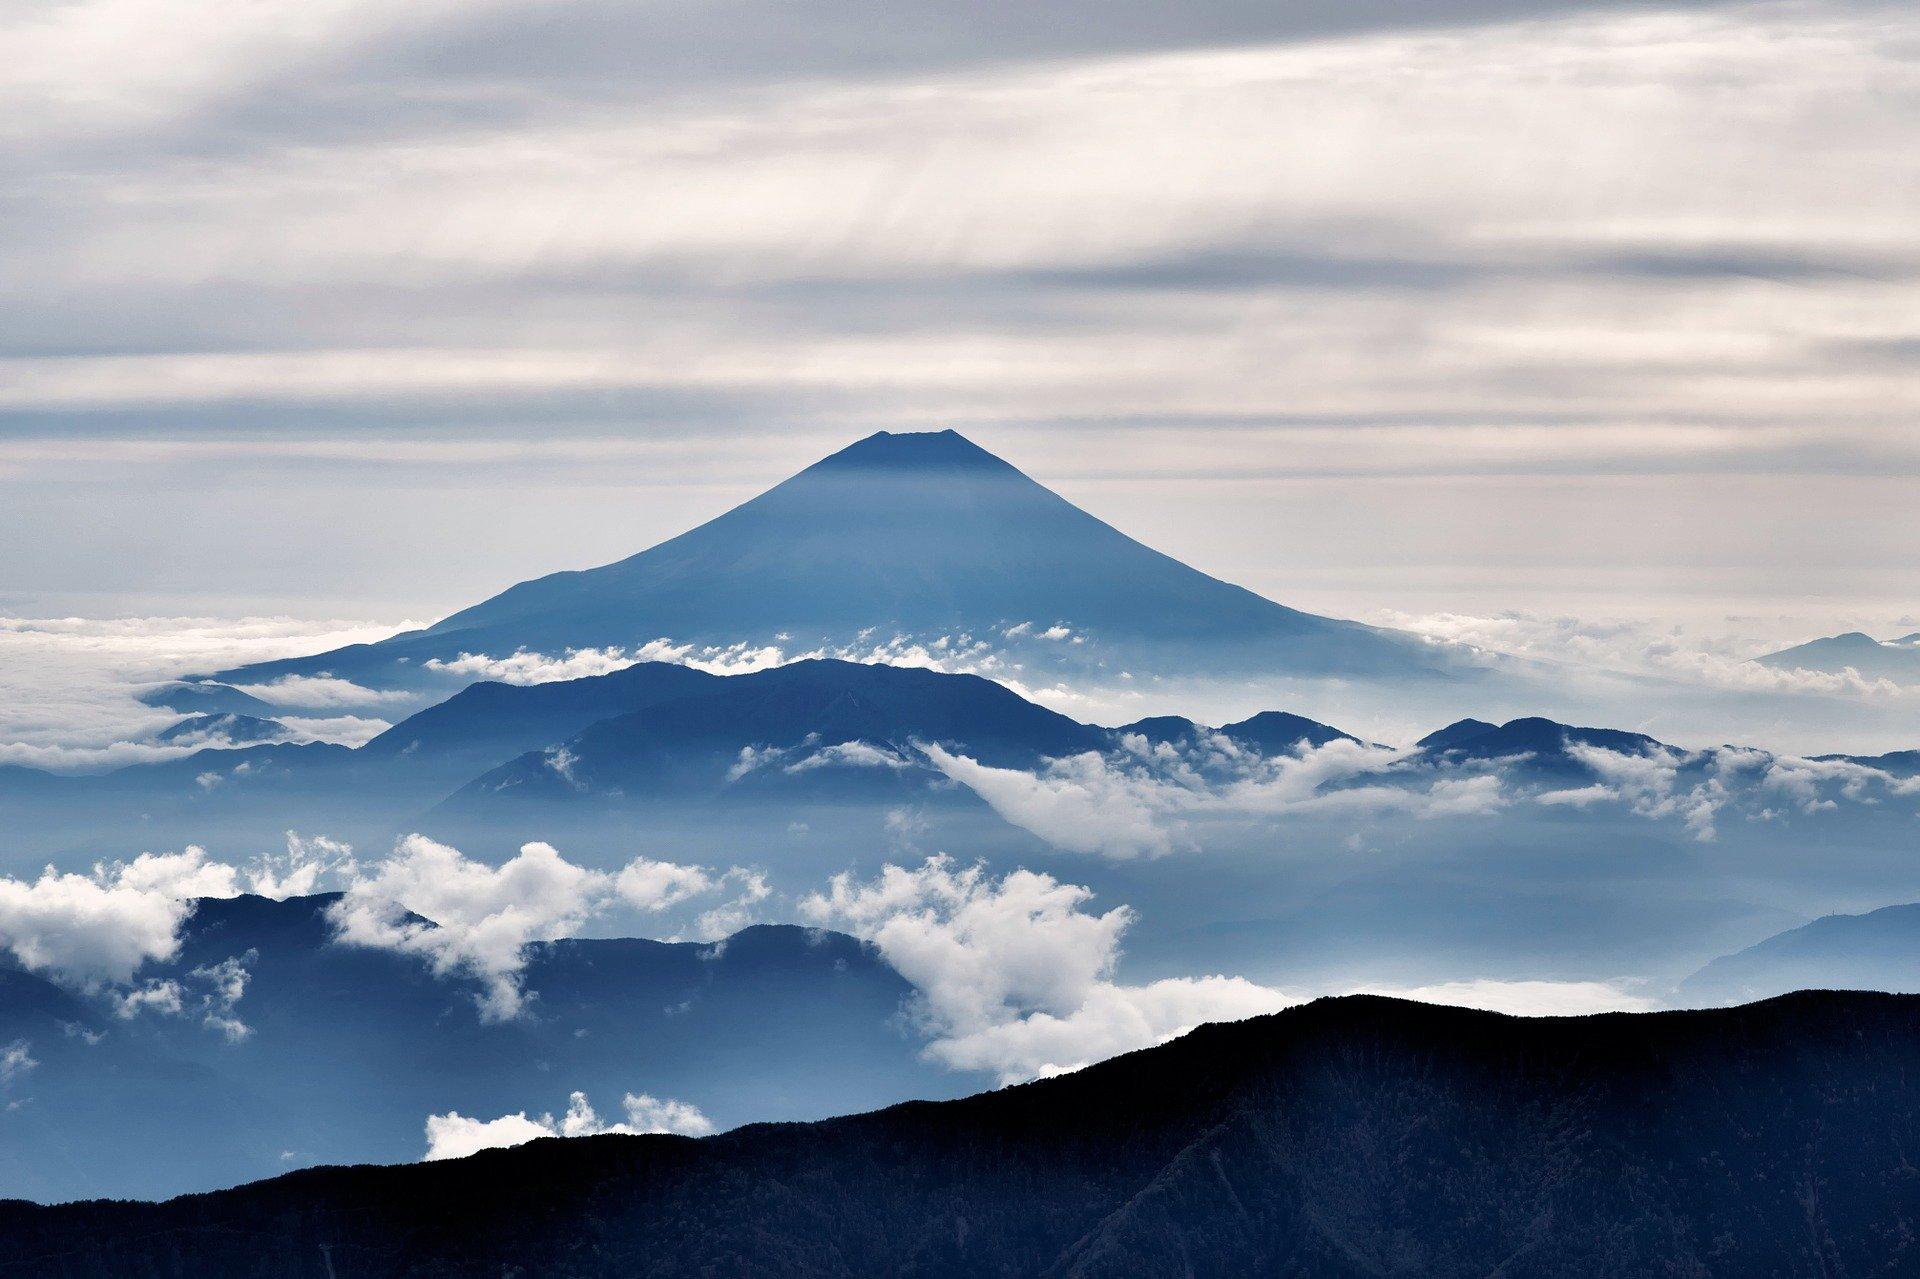 До начальной точки туристической тропы на горе Фудзи пустят поезд